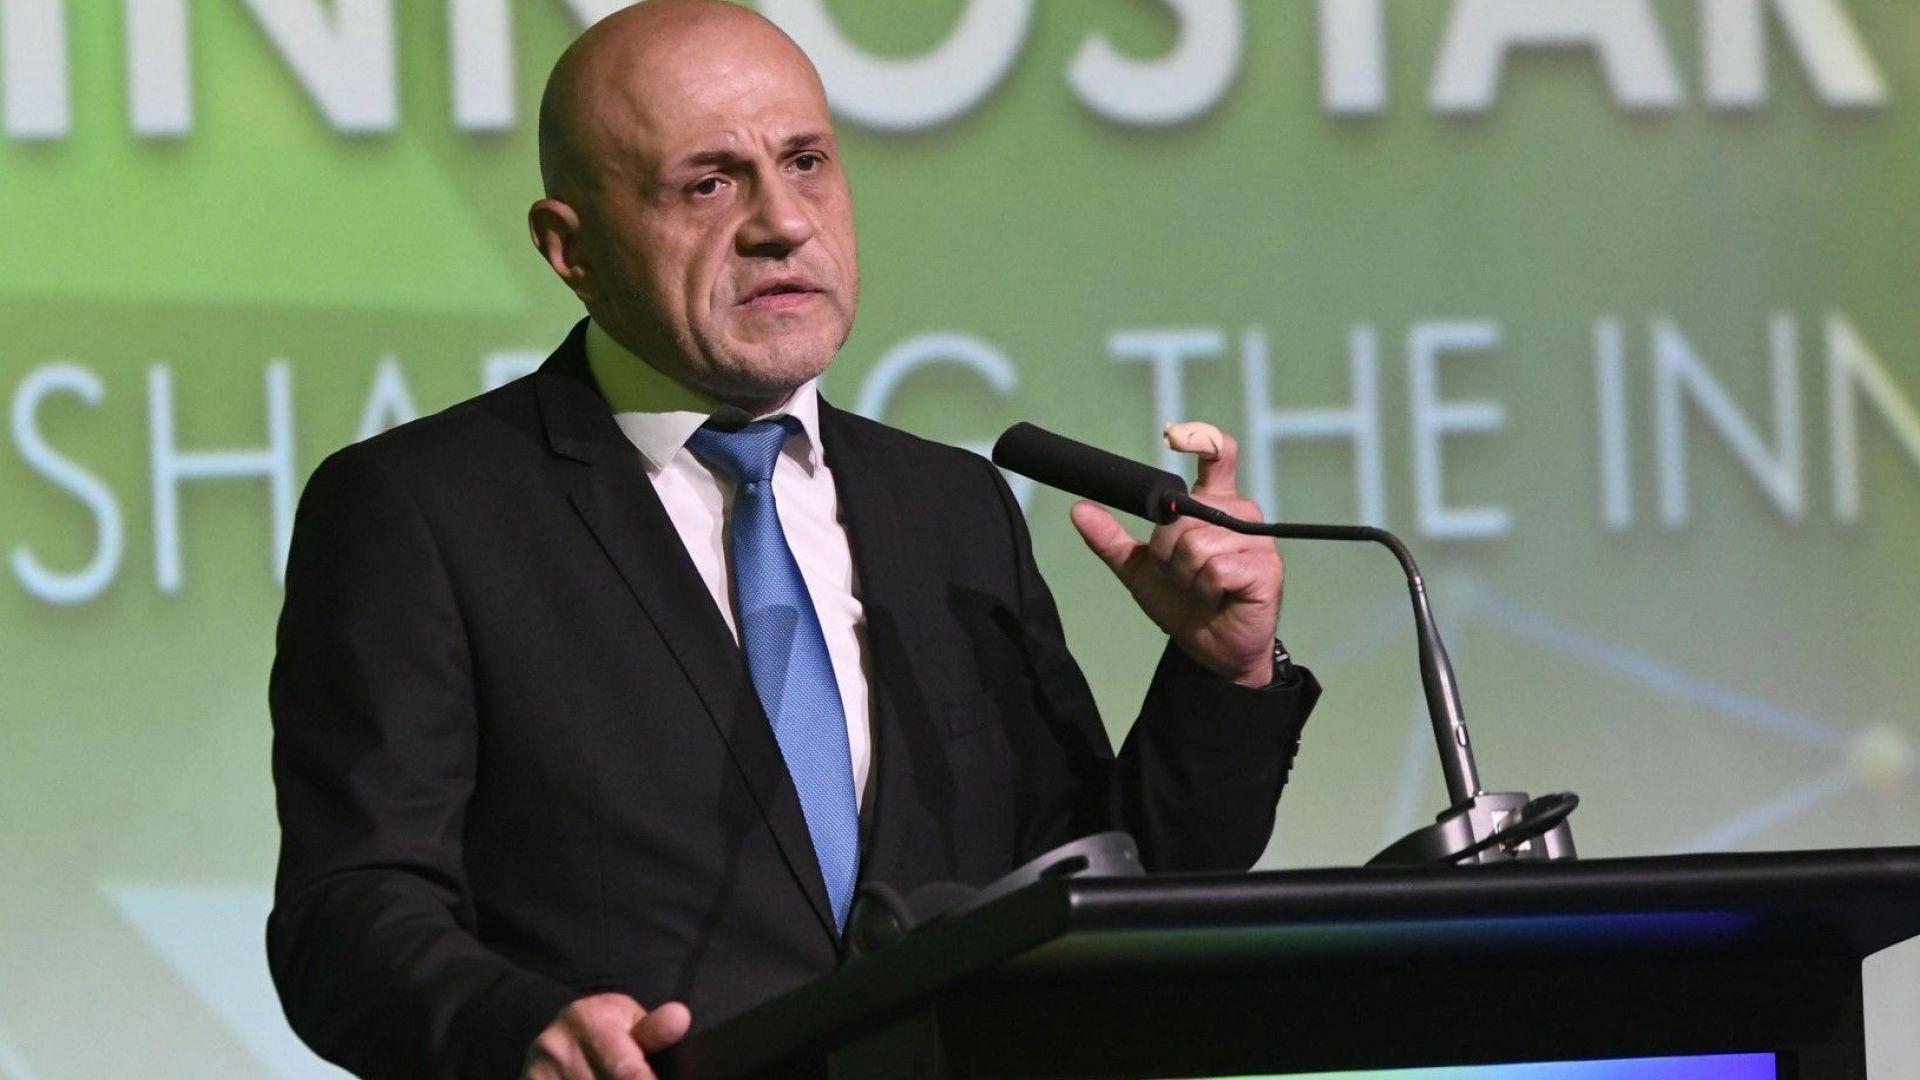 ГЕРБ ще проведе национална среща на партията на 7 ноември